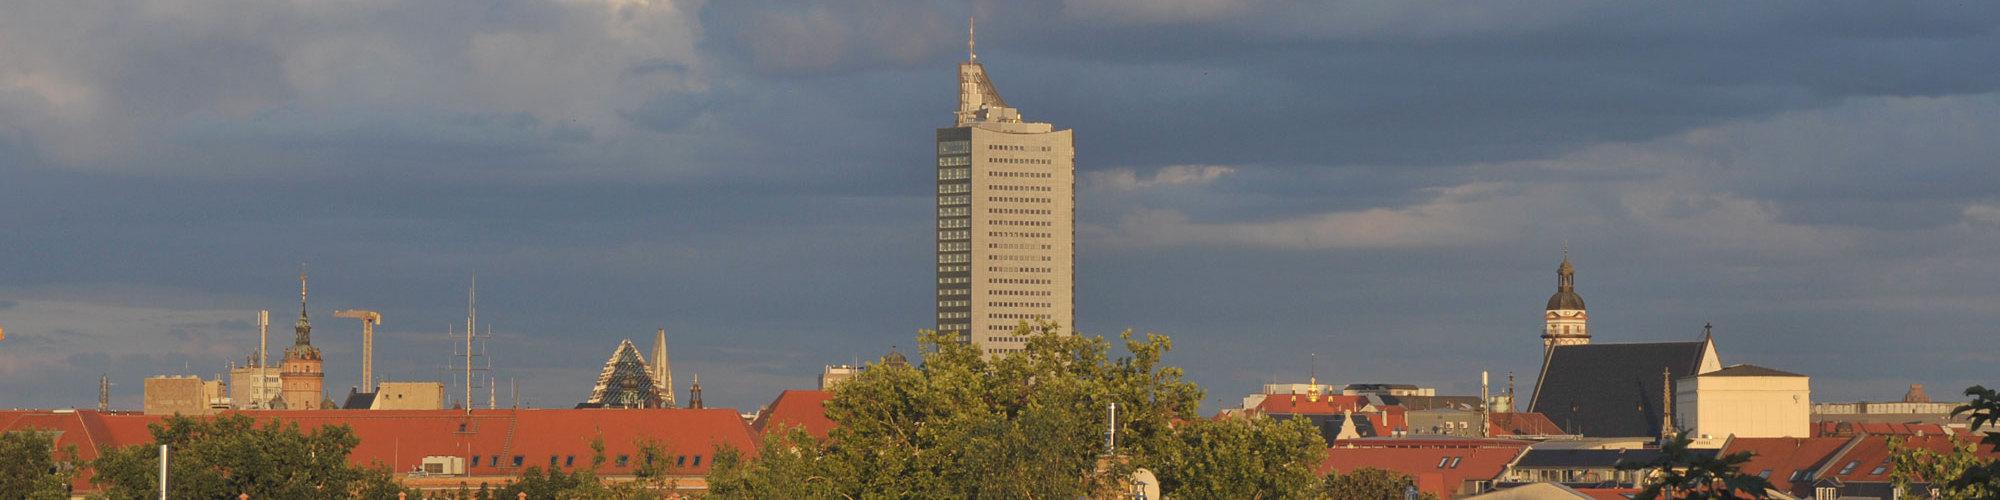 cityhochhaus-2